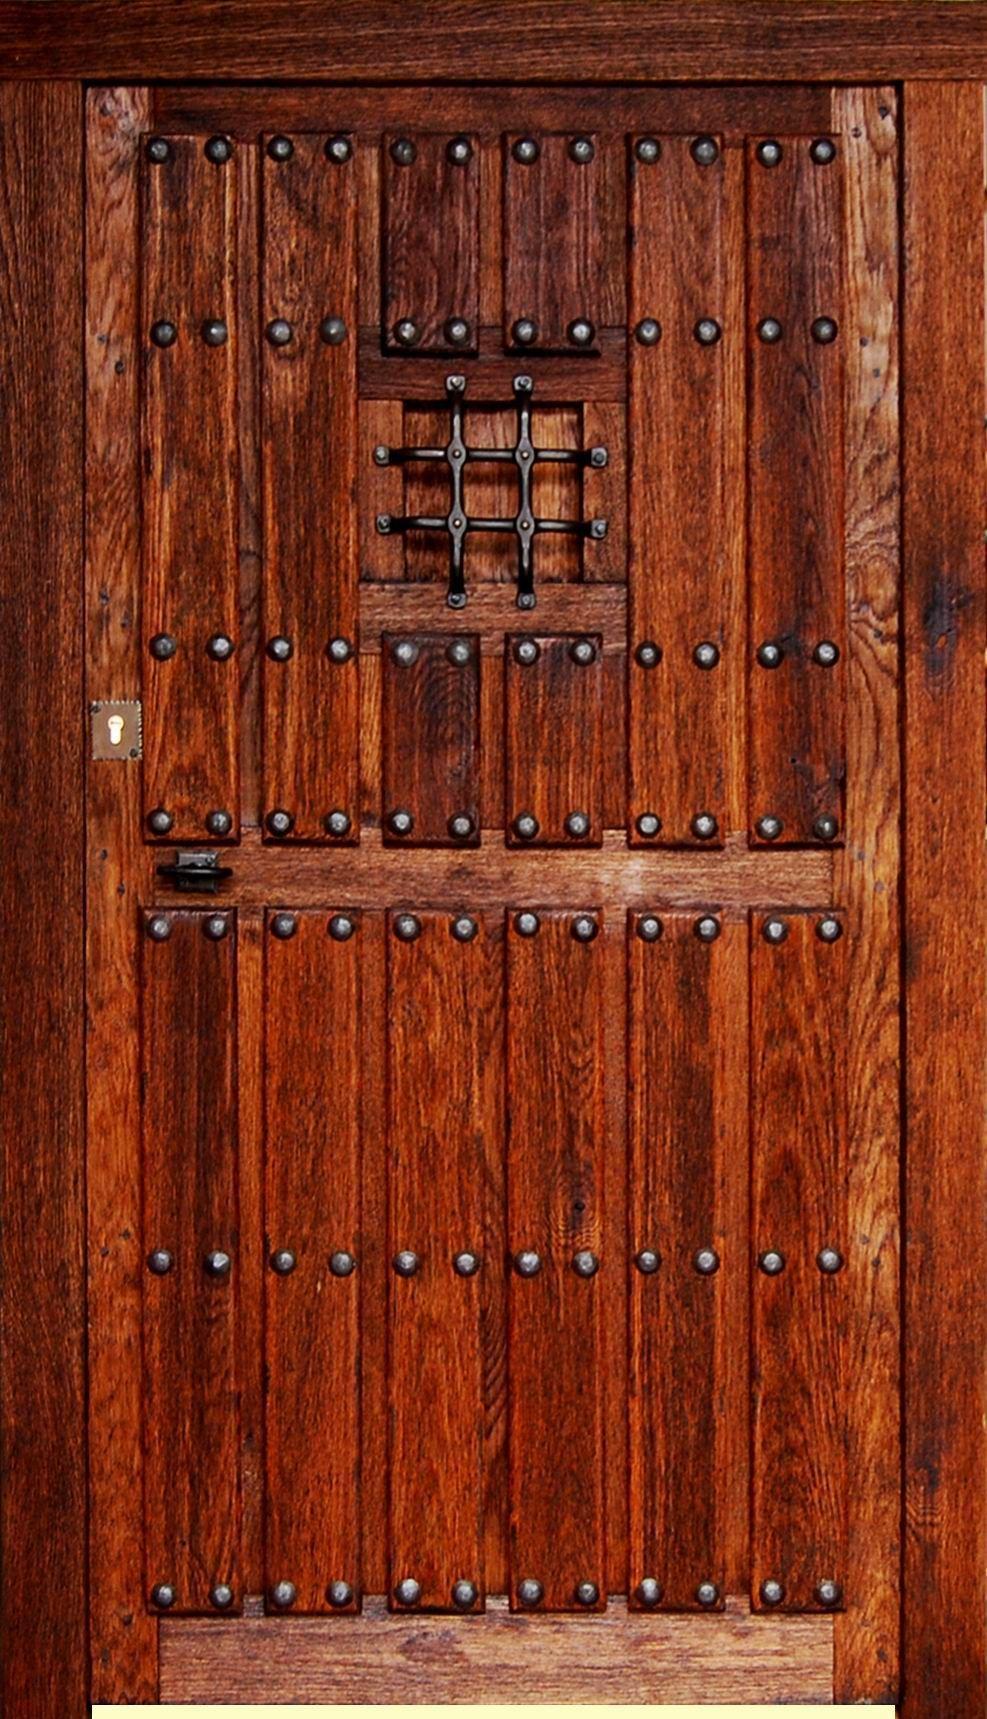 Puerta rustica ronda puertas chulas pinterest for Puertas principales de madera rusticas